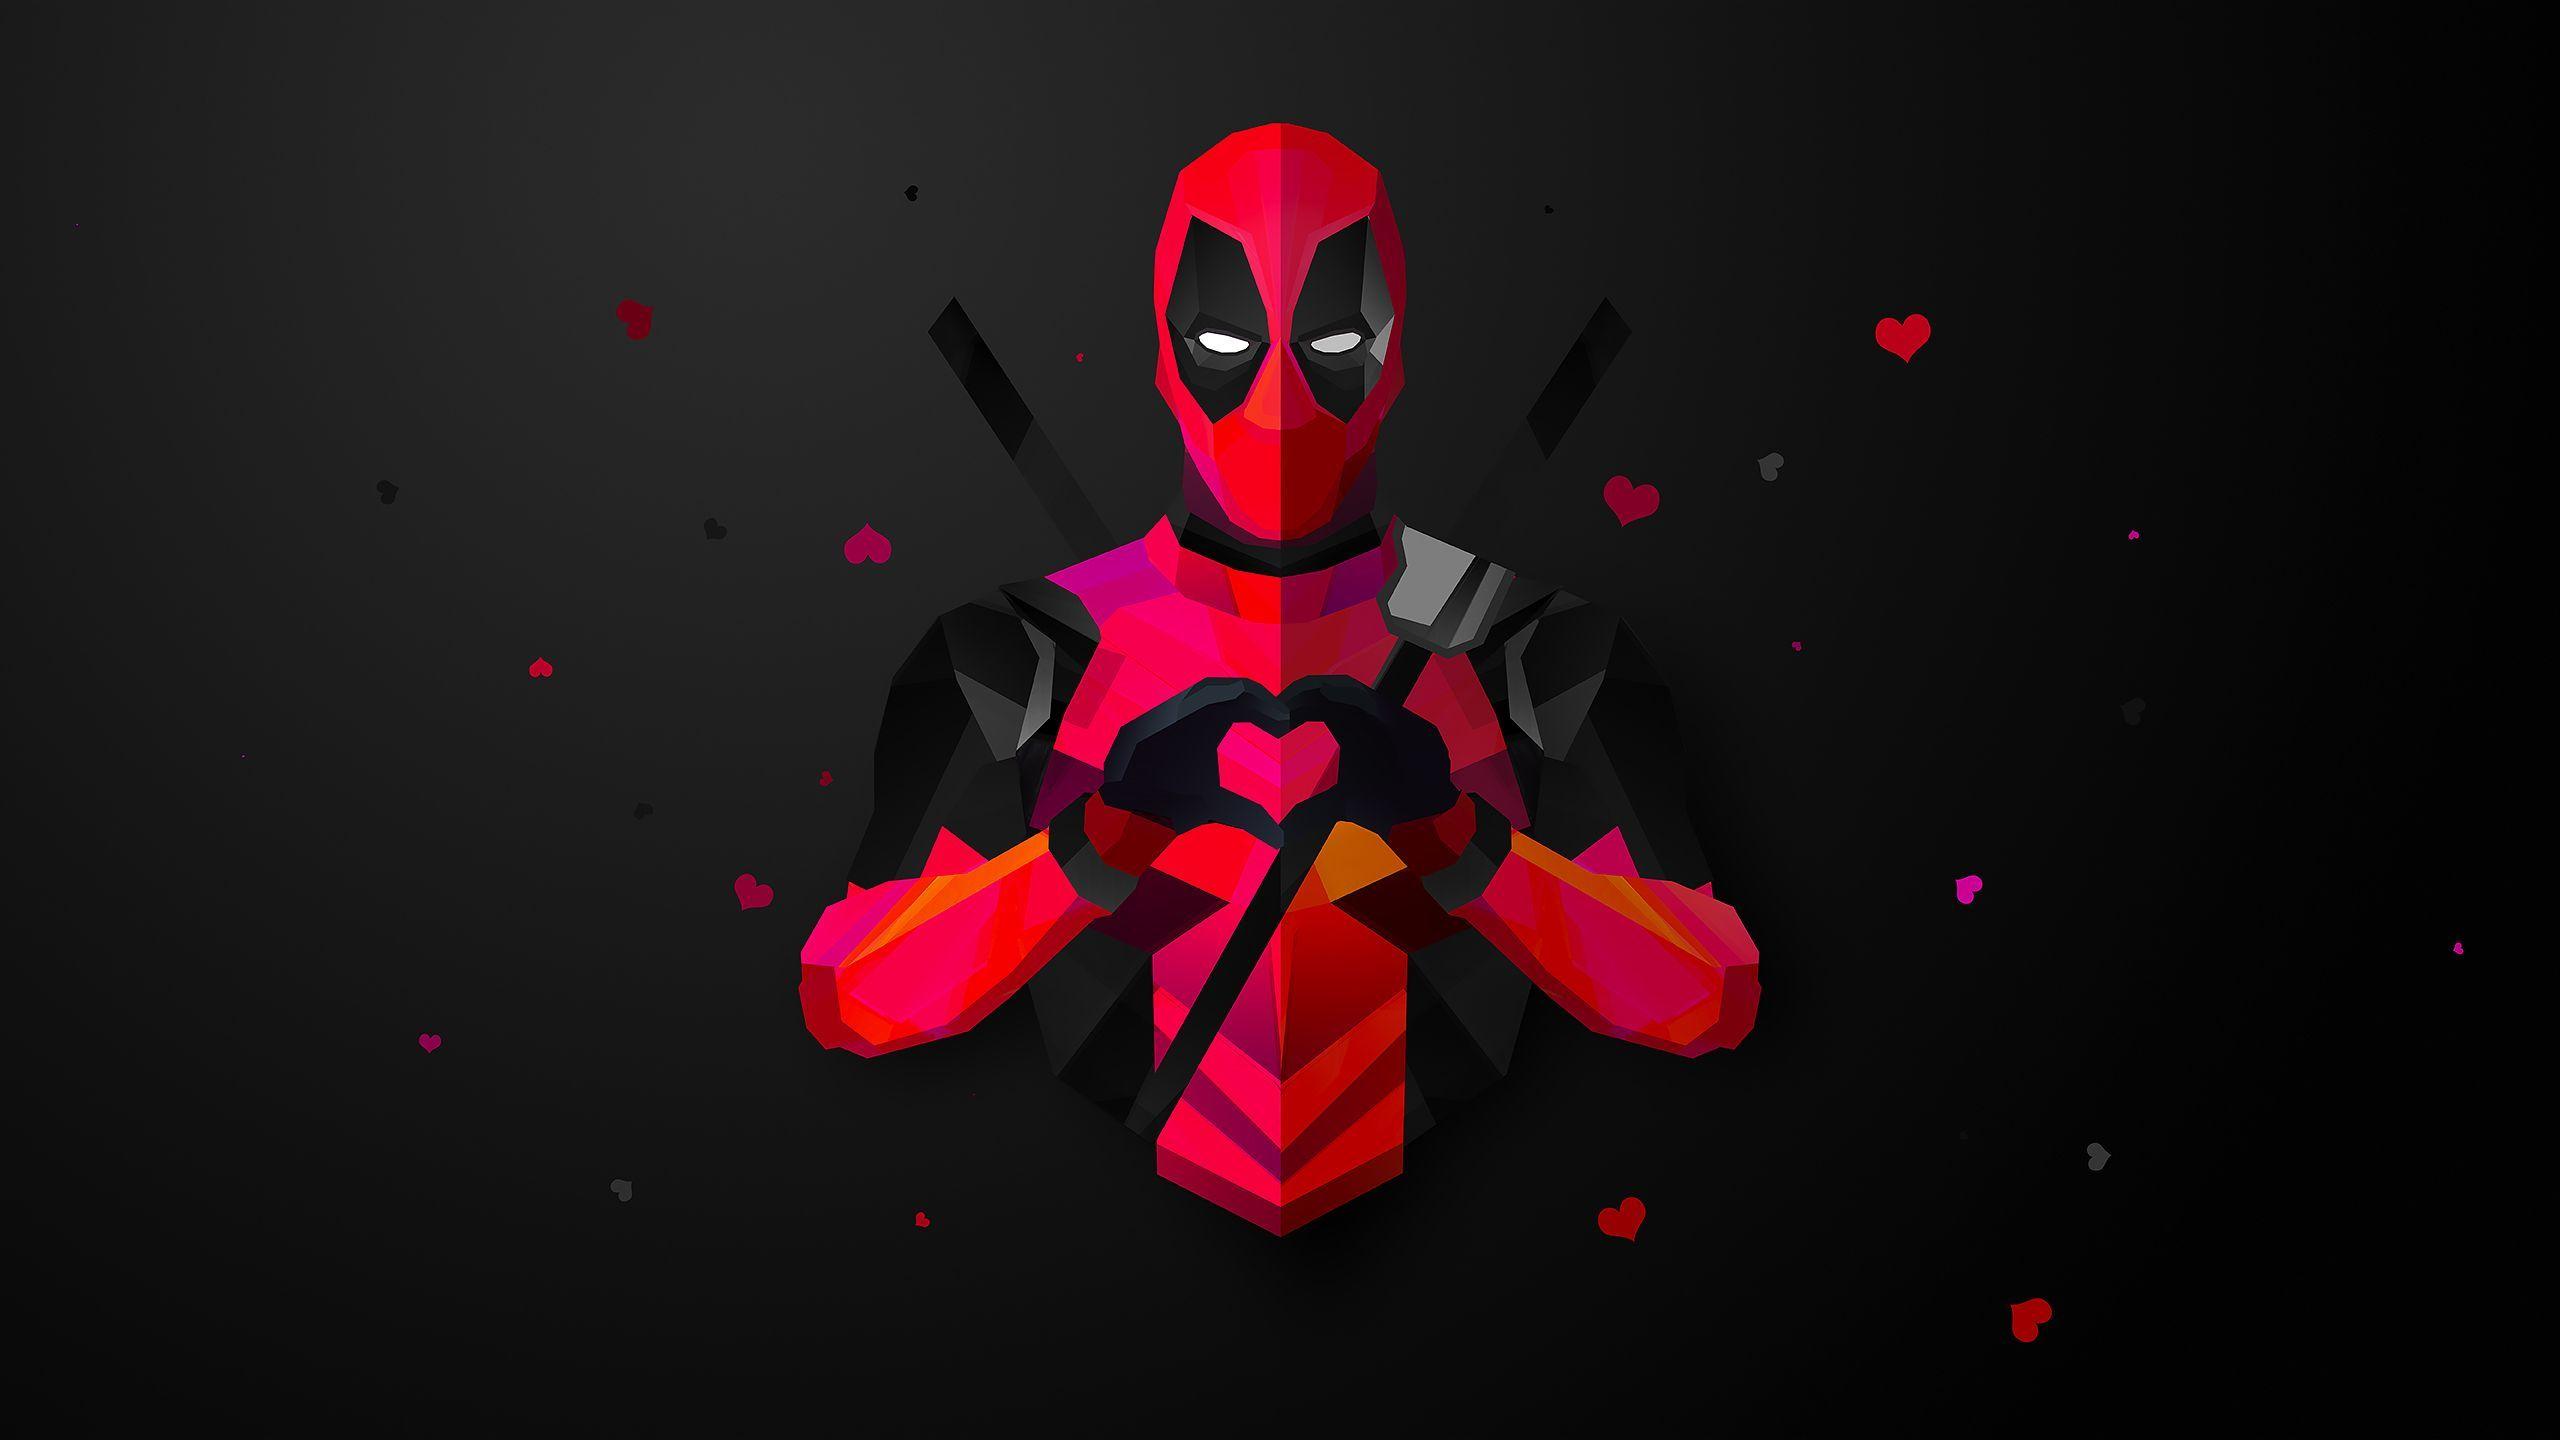 2560x1440 Deadpool Wallpapers Hd Pixelstalk Deadpool Funny Funny Deadpool Deadpool Wallpaper Superhero Wallpaper Deadpool Logo Wallpaper